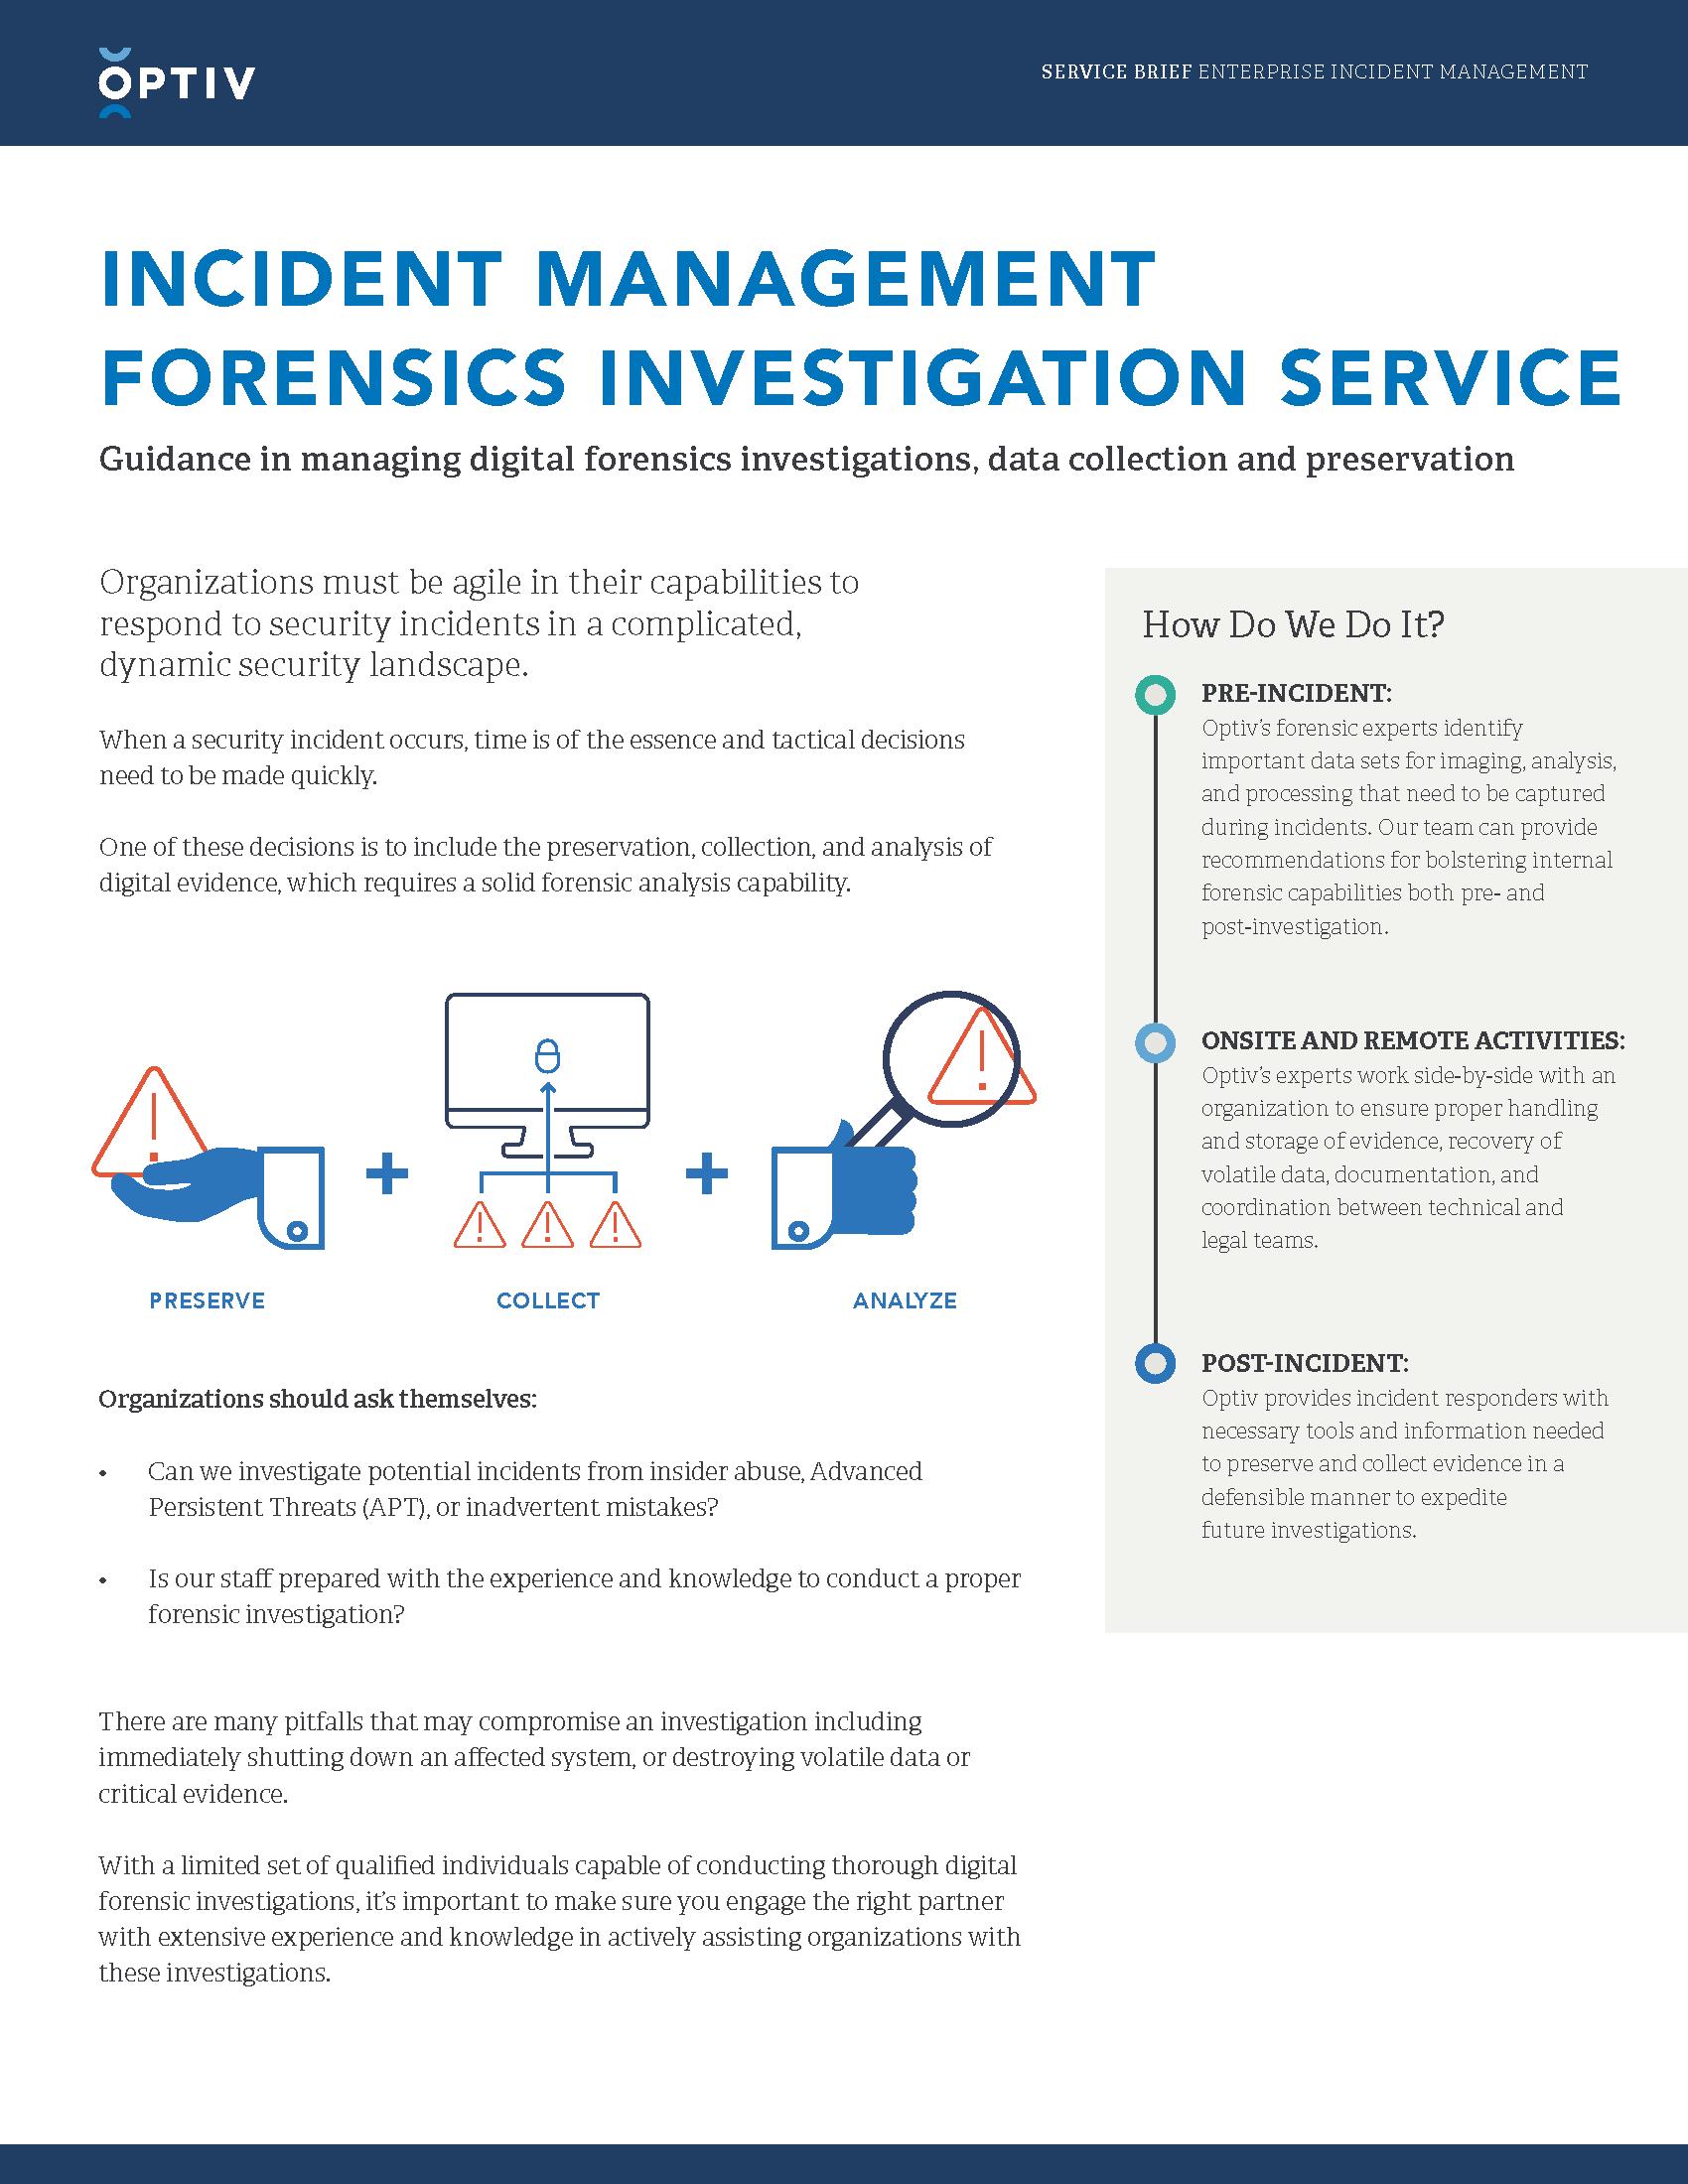 Incident Management Forensics Investigation